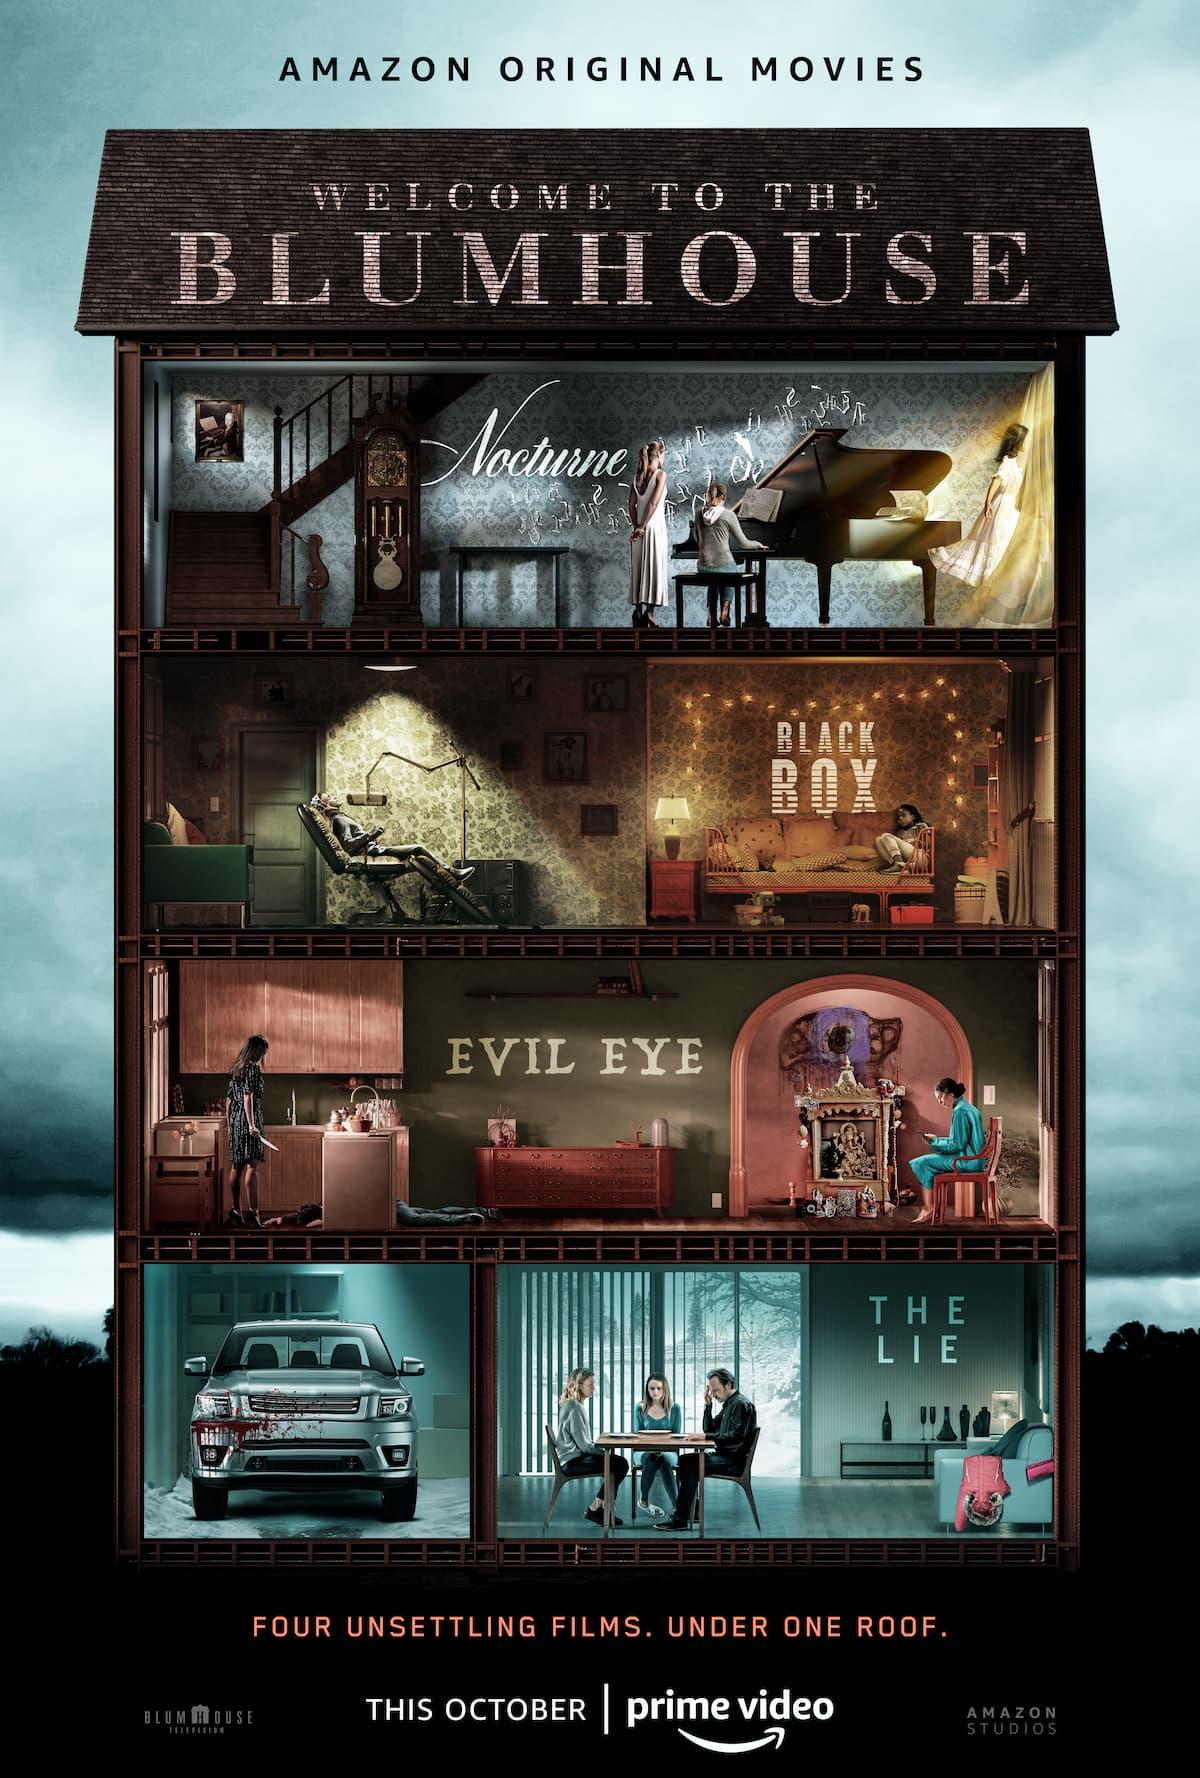 Amazon эксклюзивно покажет четыре новых хоррора Blumhouse перед Хэллоуином - Постер